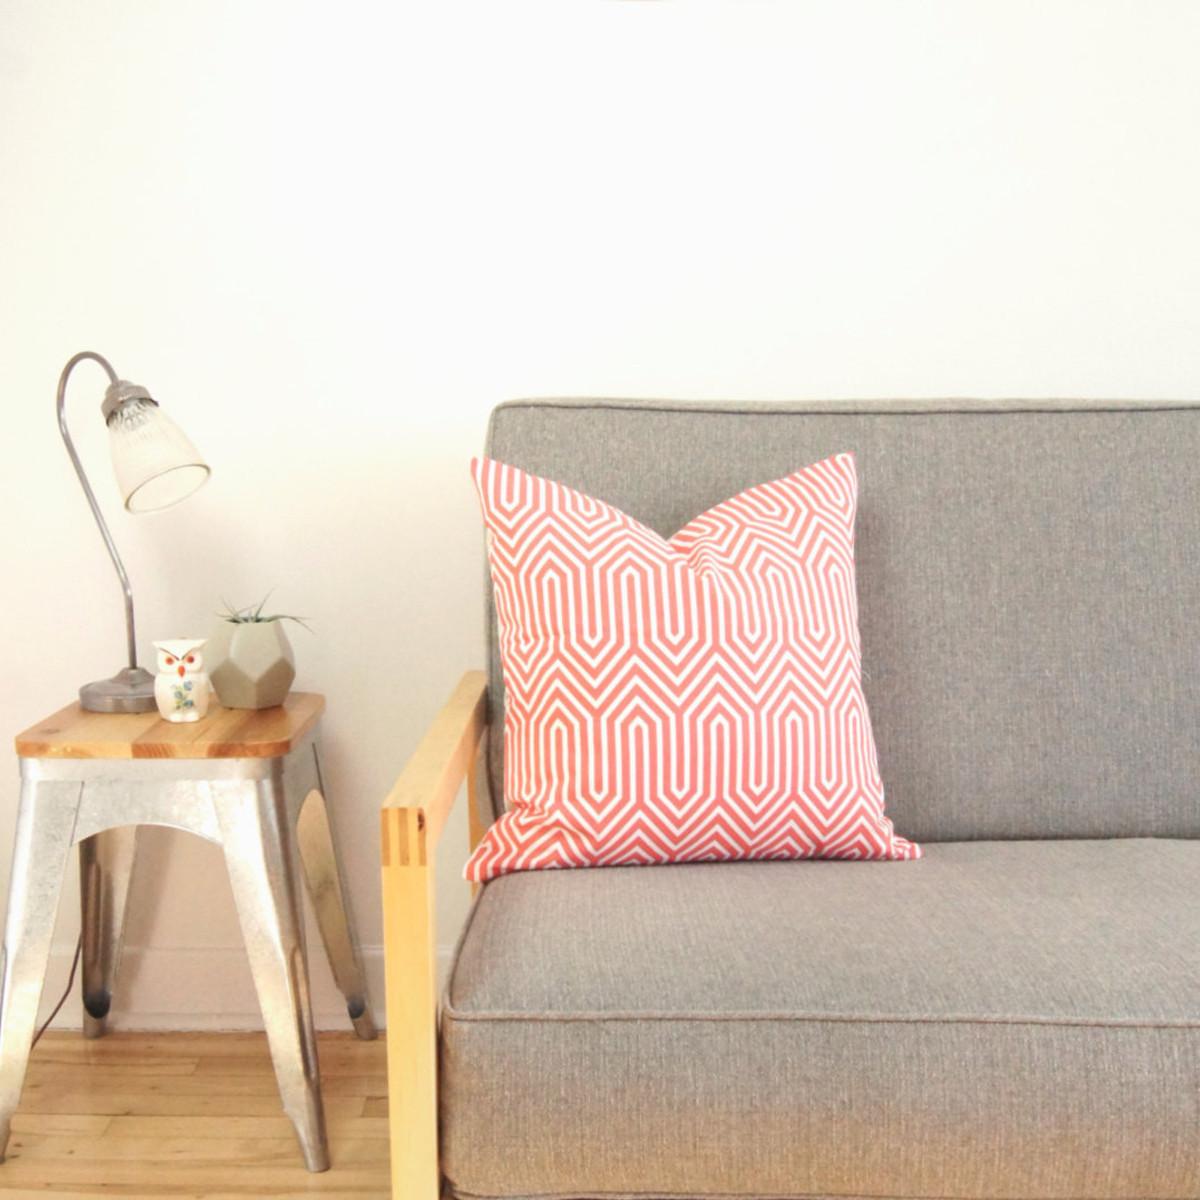 des nouveaux coussins pour cet t cocon d co vie nomade. Black Bedroom Furniture Sets. Home Design Ideas